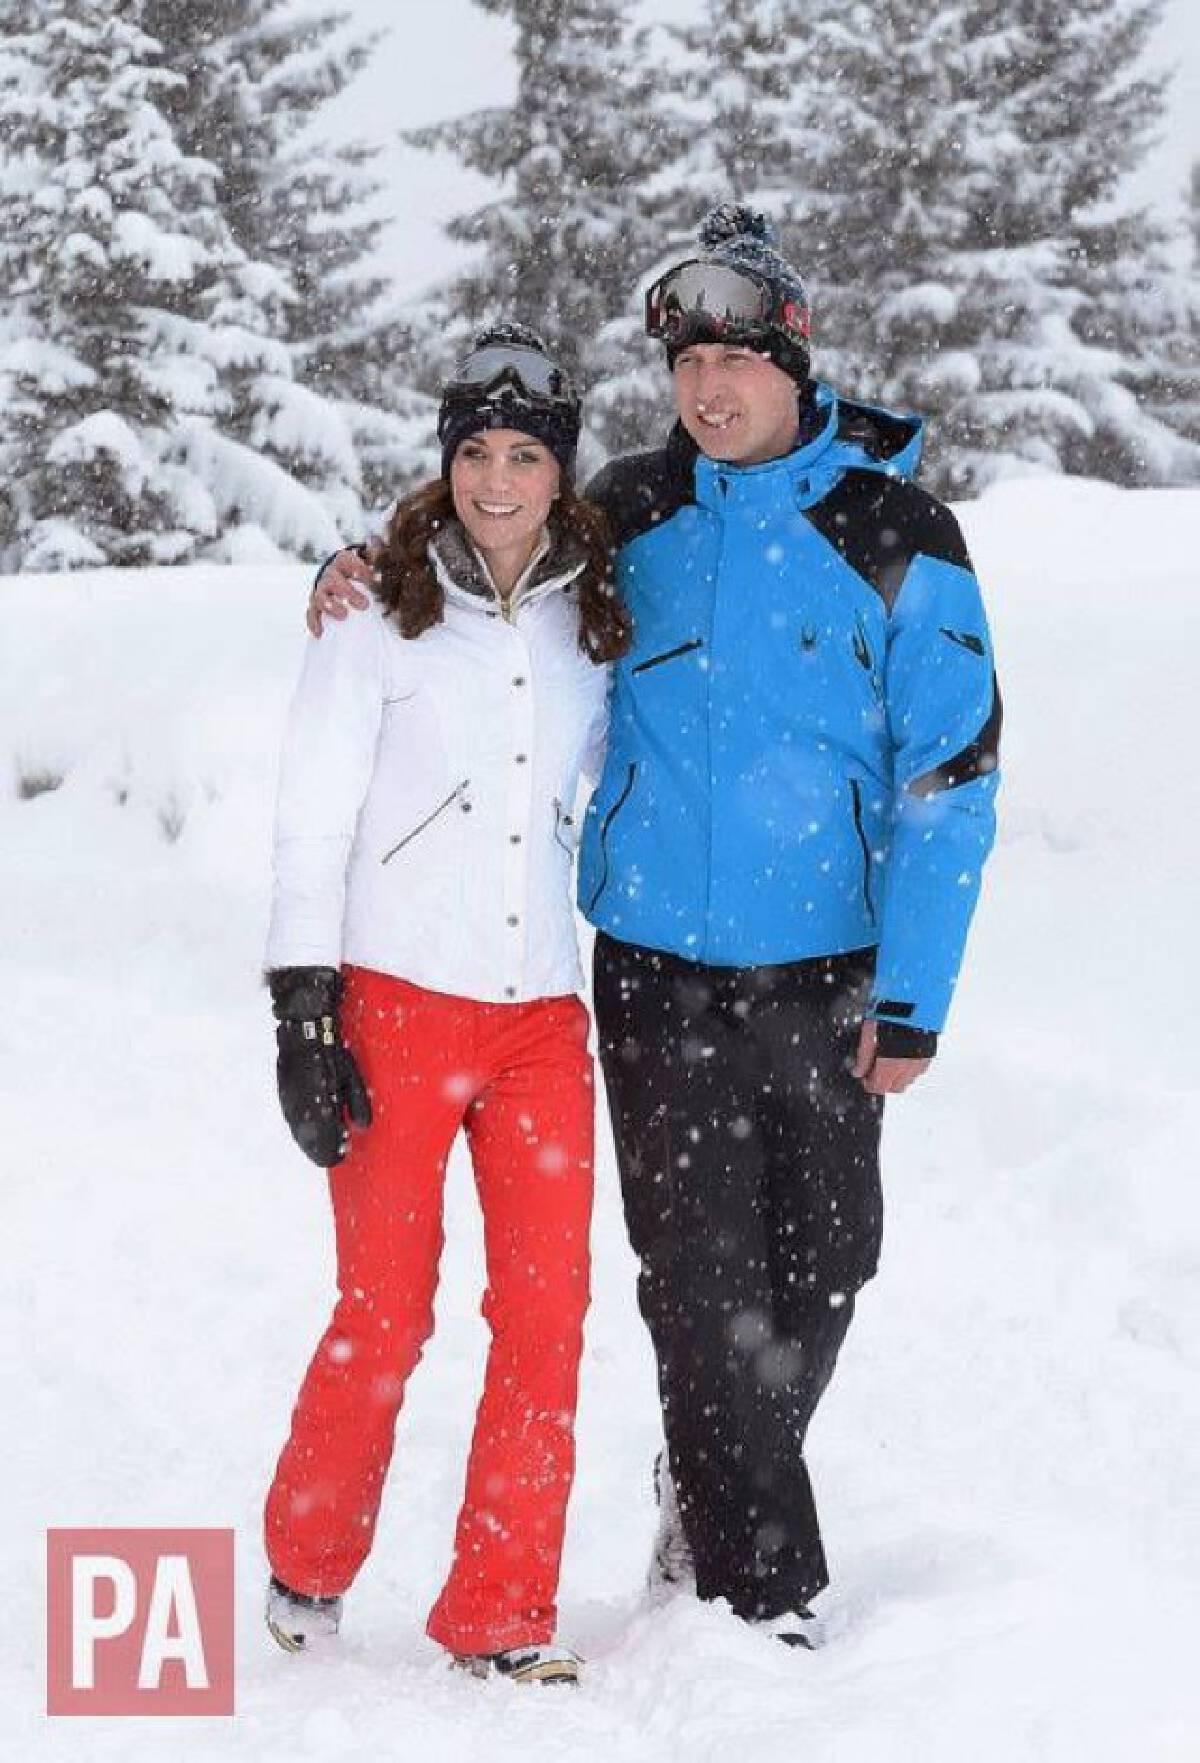 เจ้าชายวิลเลียมและครอบครัว ทรงเล่นสกี ที่เทือกเขาแอลป์